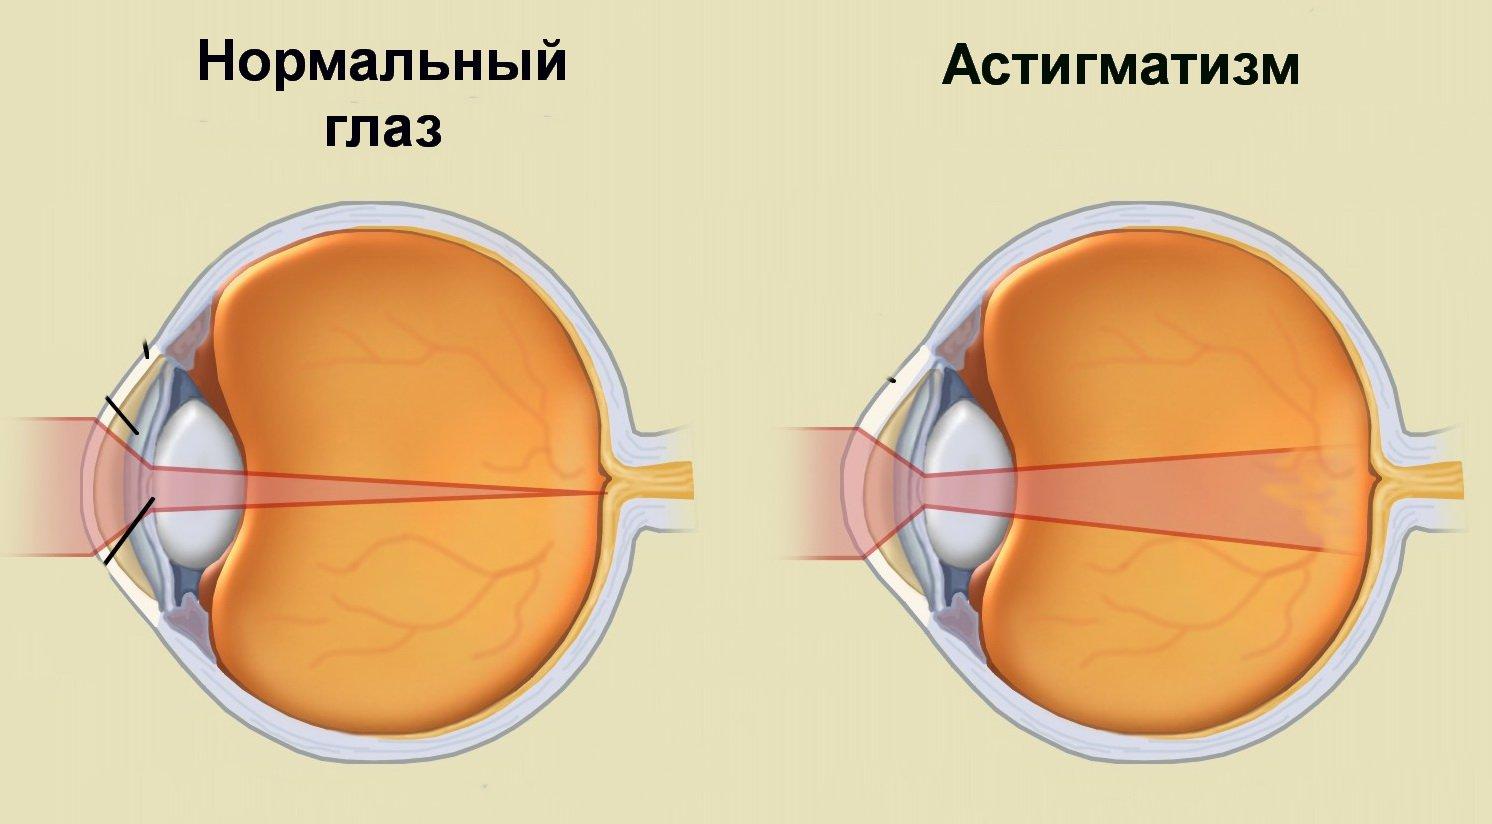 Műtét a látás életkorának helyreállítása, Bates vs Helmholtz